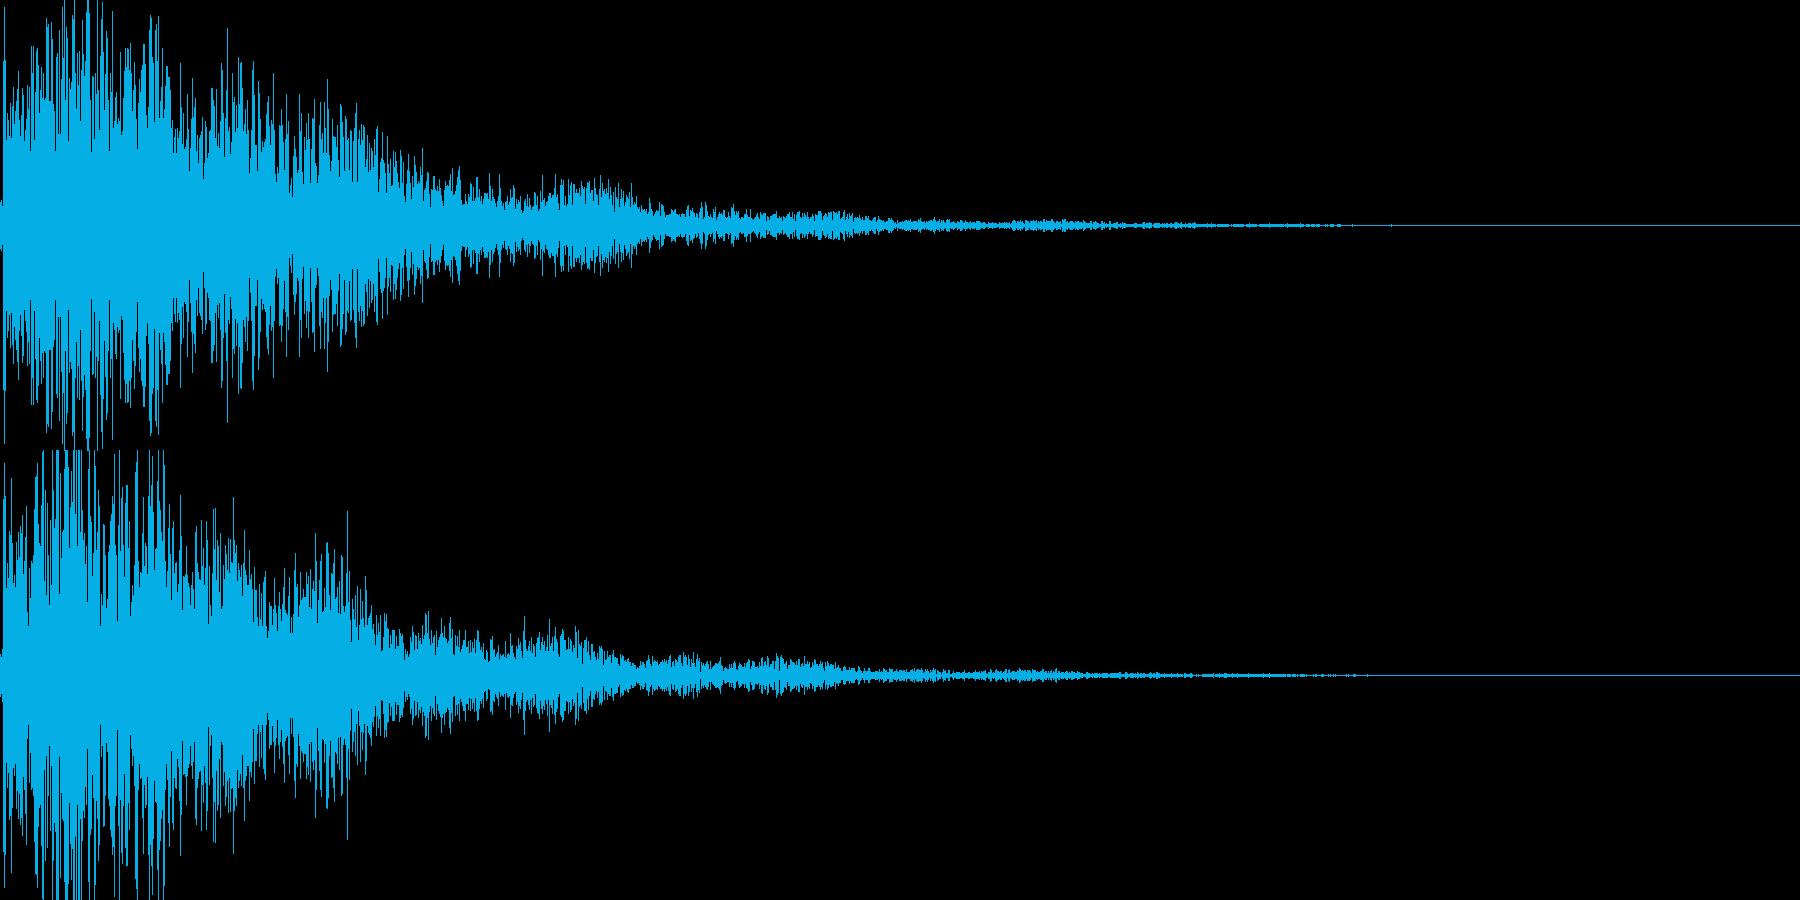 琴と太鼓の和風インパクトジングル! 02の再生済みの波形